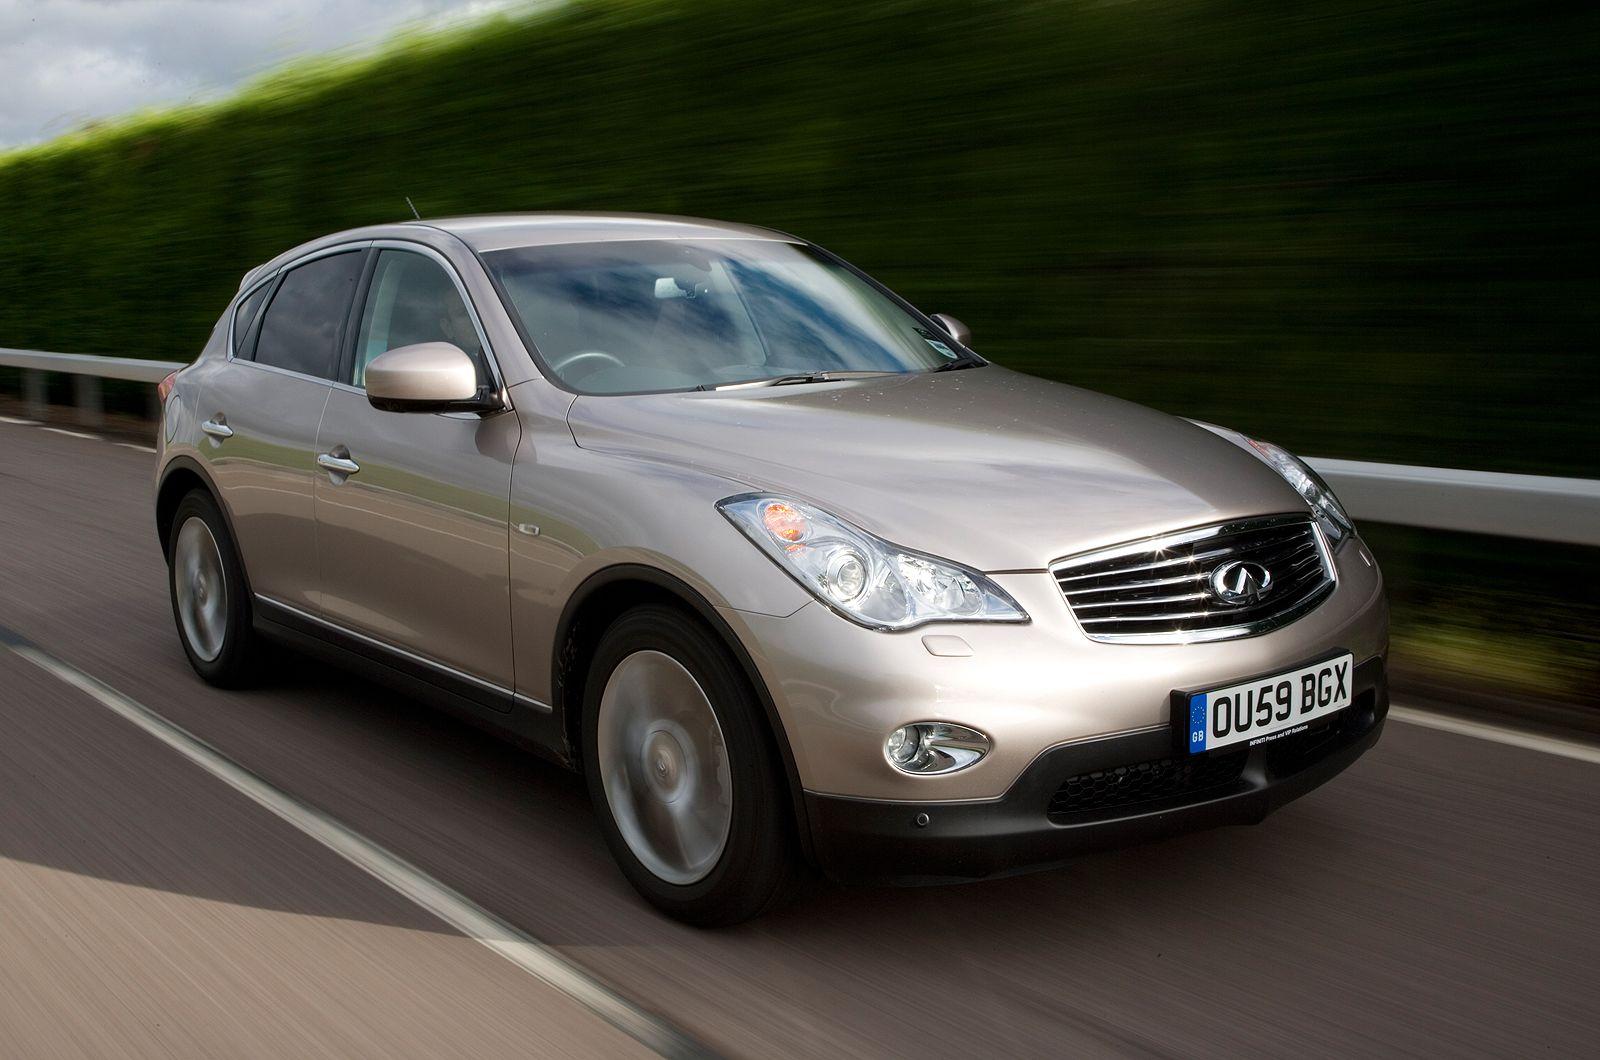 Best Of Infinity Car Insurance Login in 2020 Car